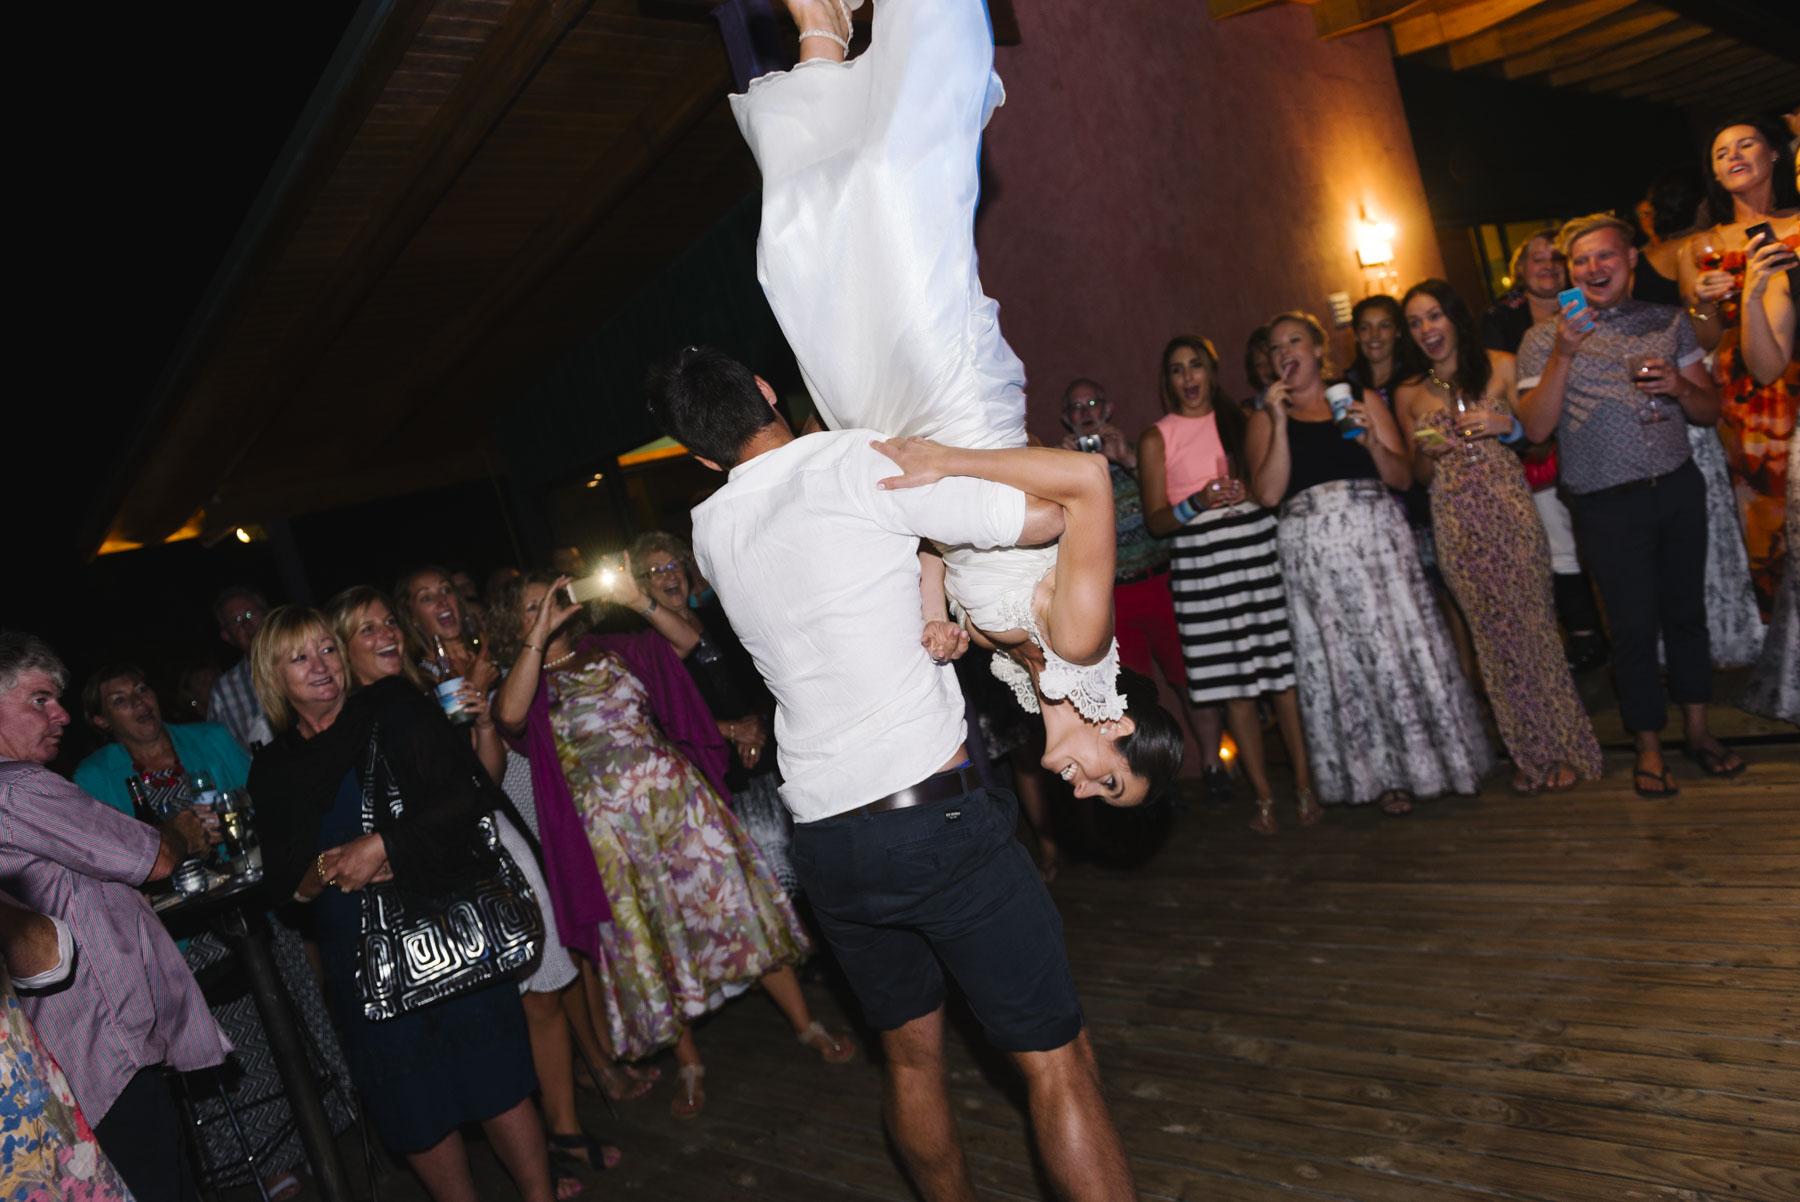 1501curchill-508alan_moyle_wedding_portrait_brighton_bayside_bay_of_fires_rustic_styled_rustic_beach_candid_documentry_binalongbay_tasmania_destination.jpg